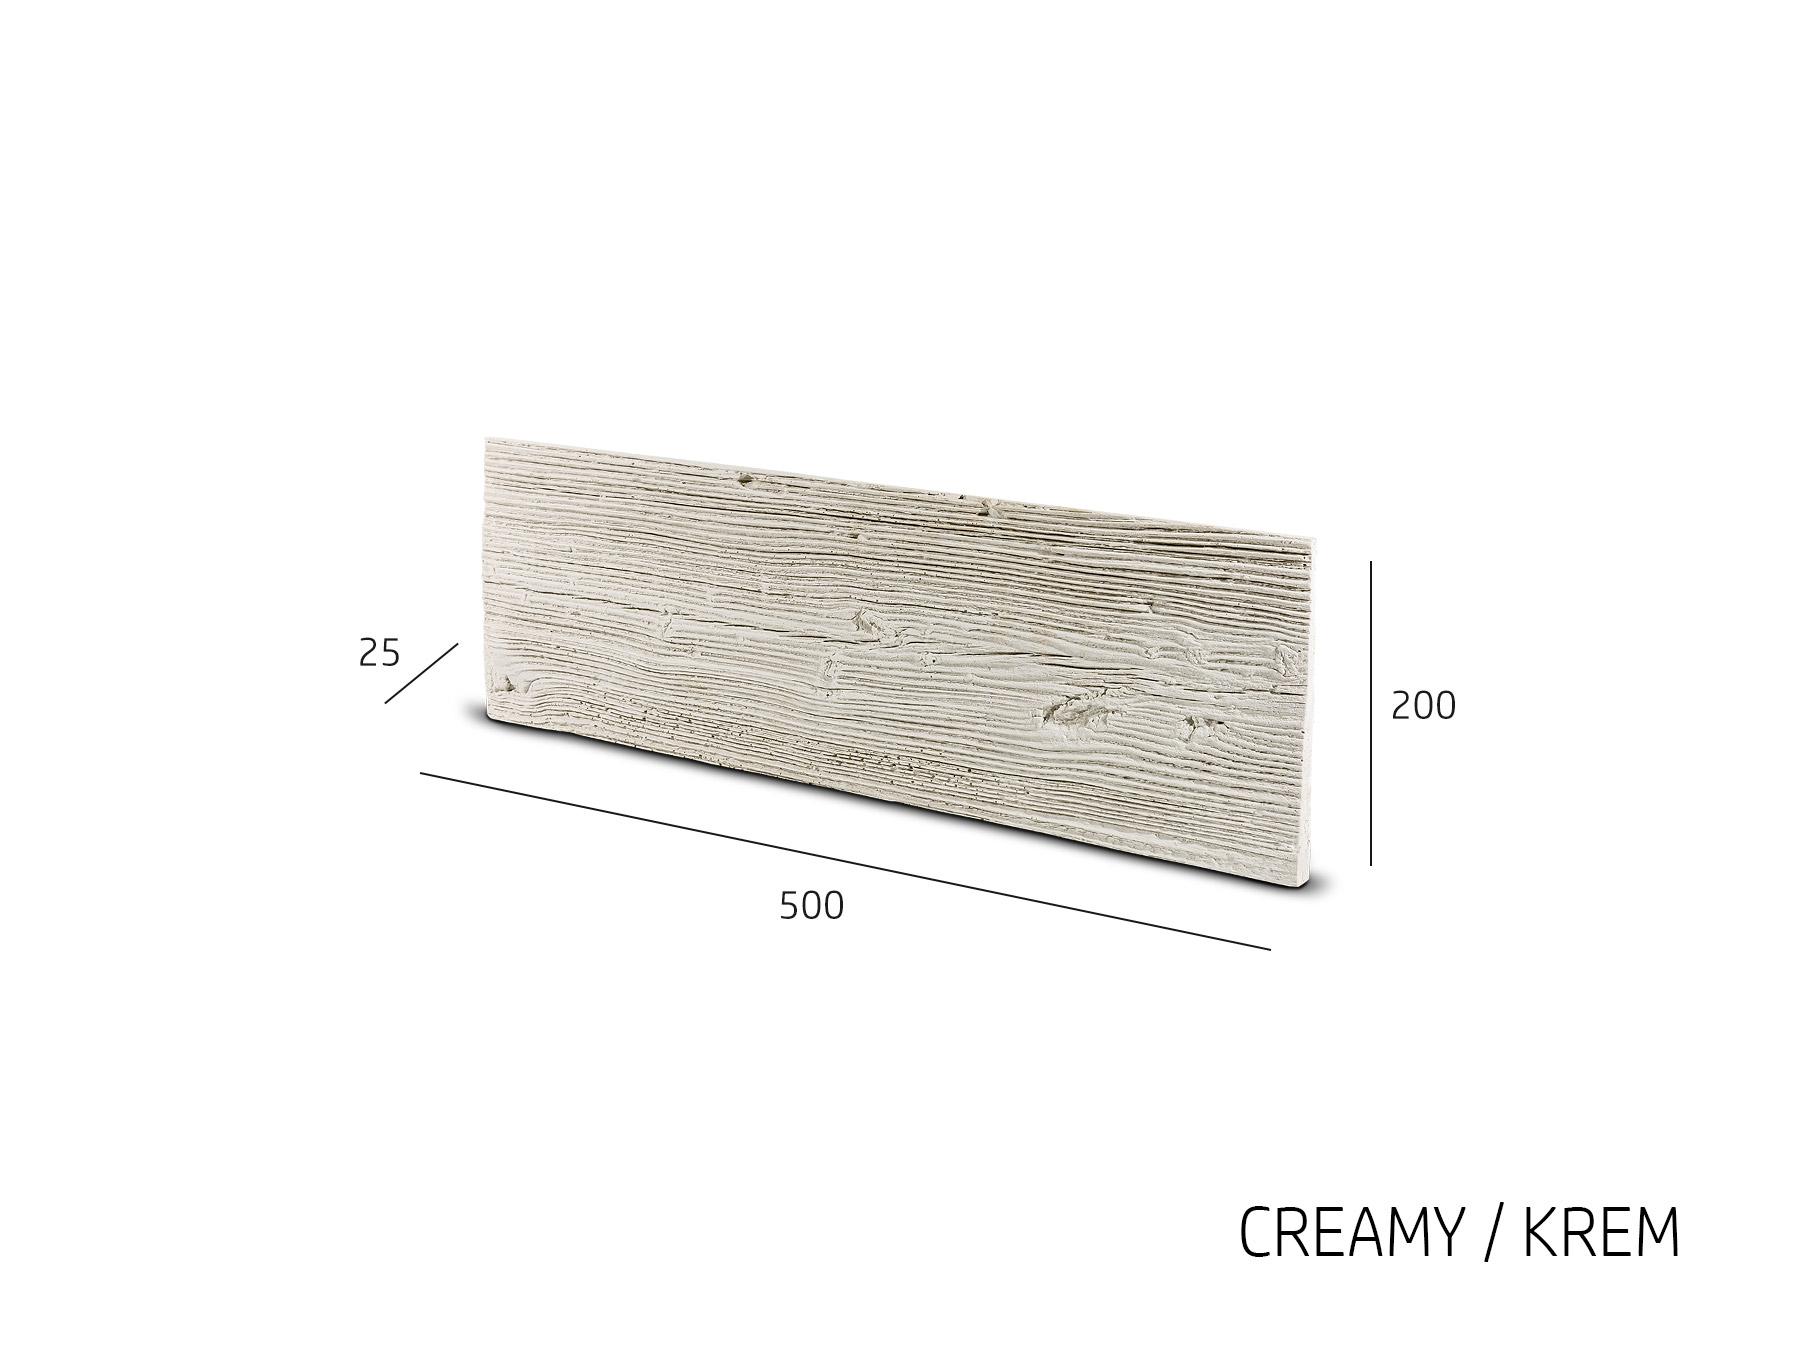 Obkladový kámen WOKAM dřevěný dekor krémová 500x200x25 mm Beton balení 0,6m2